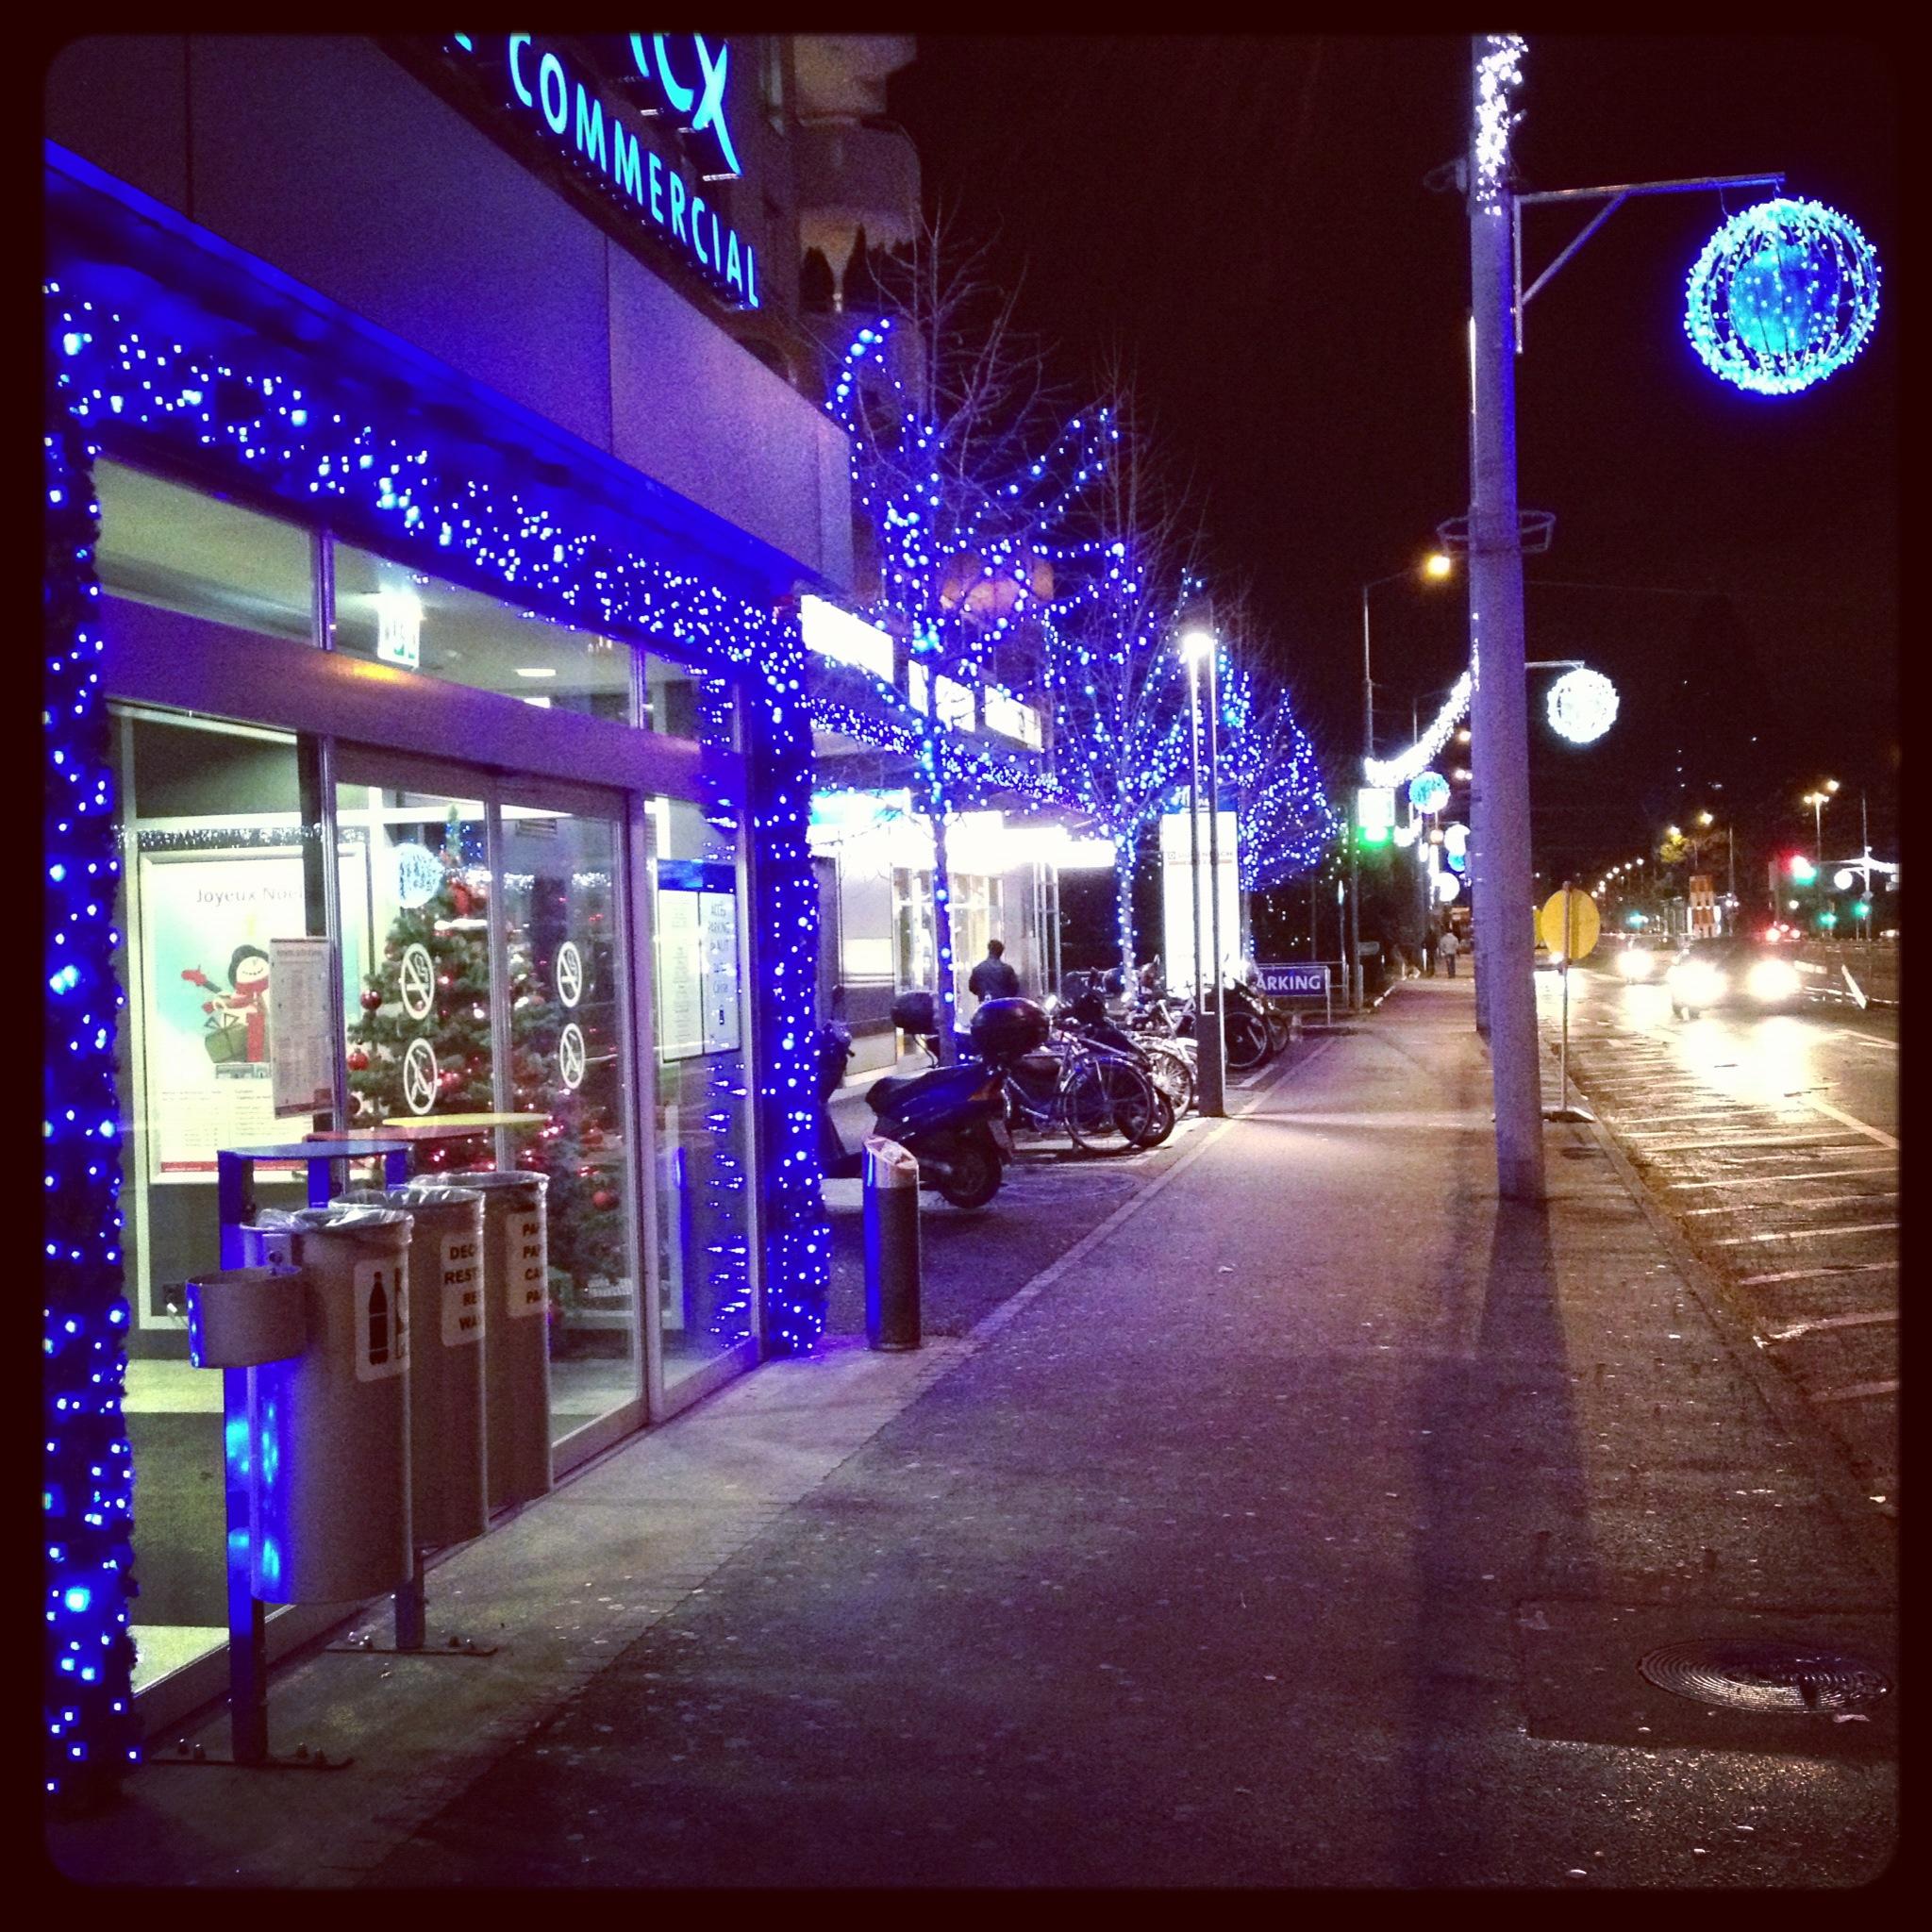 #2F10BB Les Trois Chêne à L'heure Des Décorations De Noël Signé  5435 decorations de noel geneve 2048x2048 px @ aertt.com